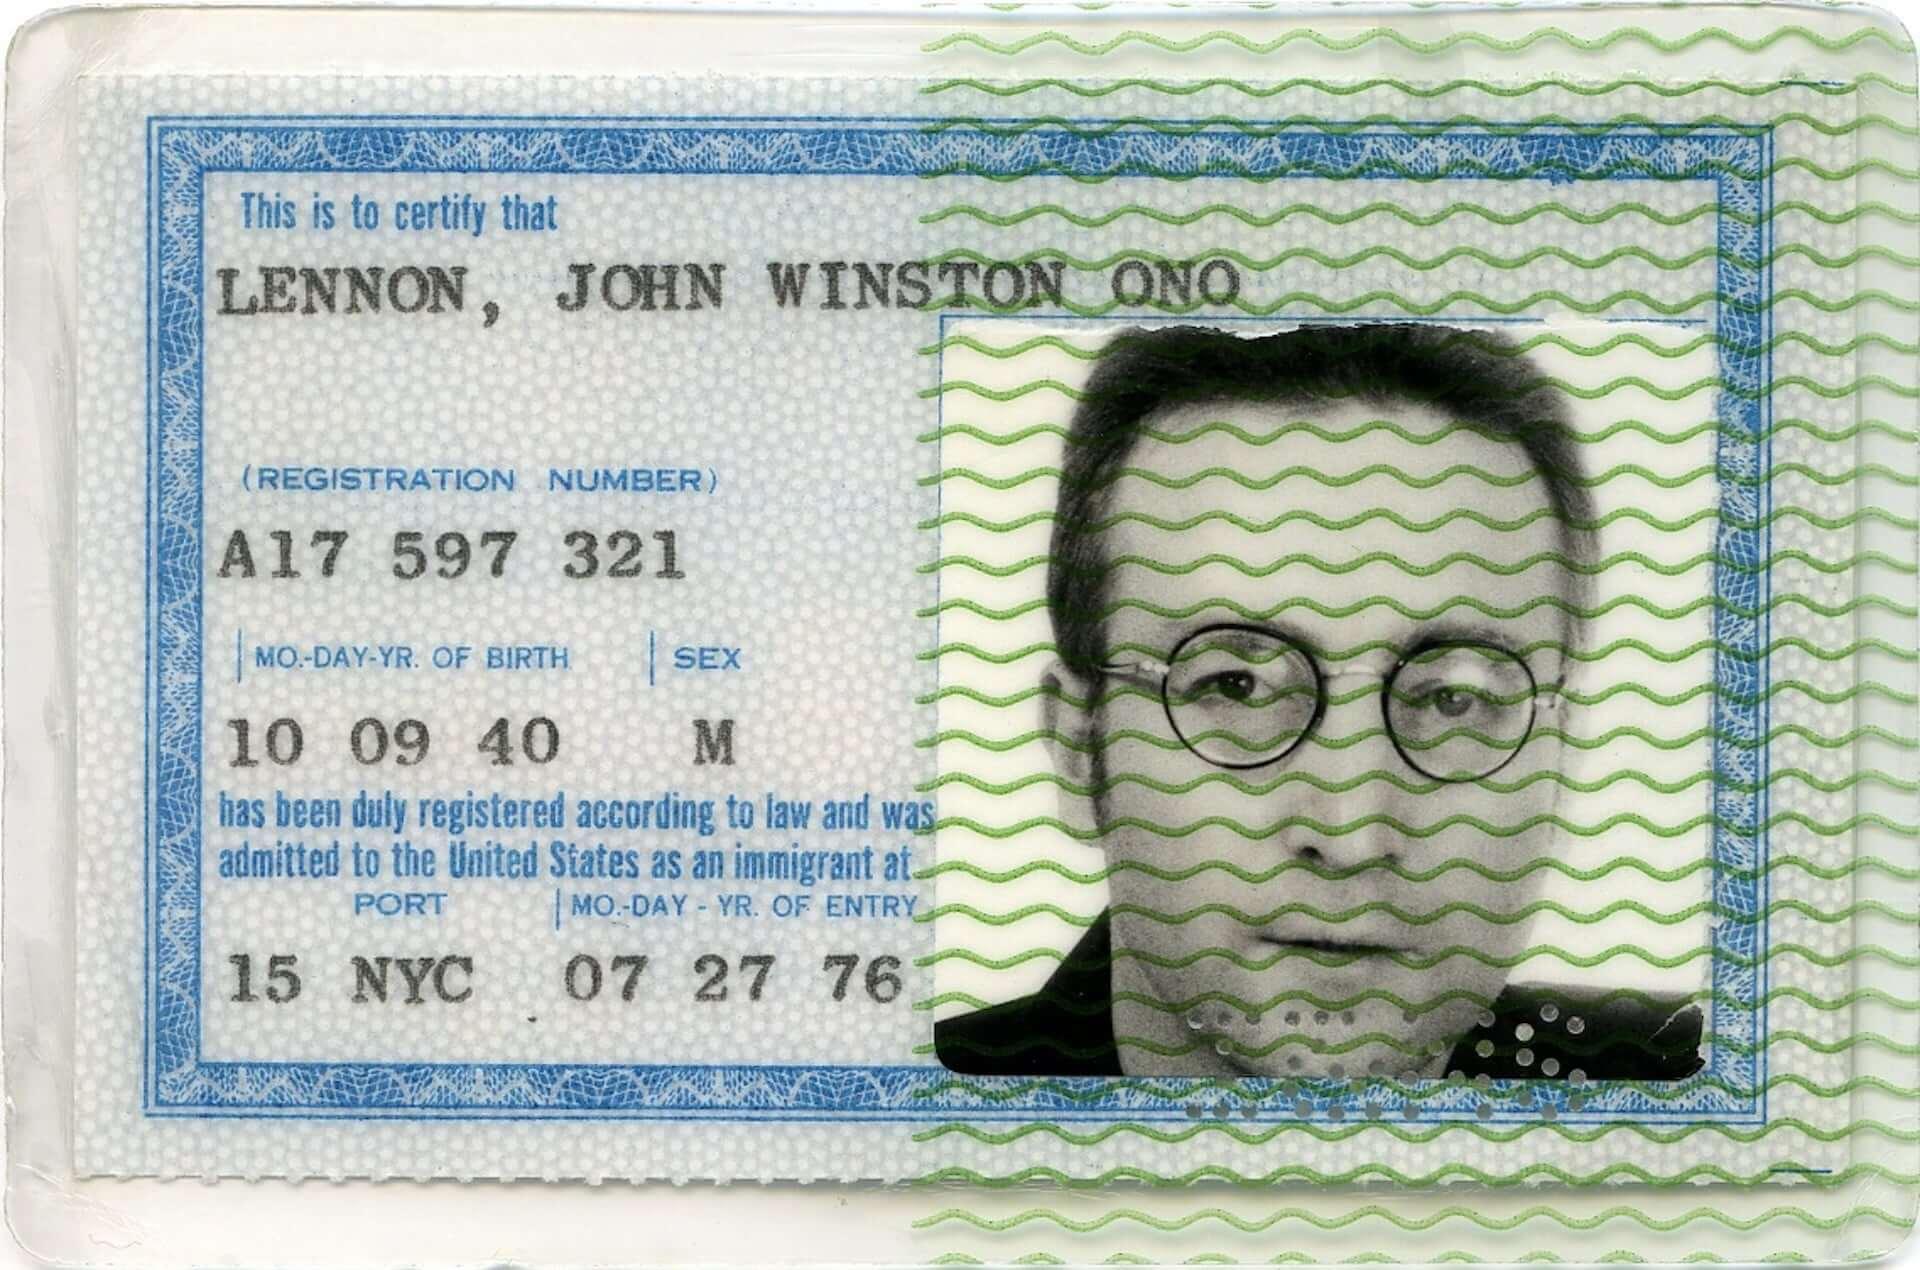 ジョン・レノンとオノ・ヨーコの軌跡を辿る展覧会<DOUBLE FANTASY - John & Yoko>東京展が開催決定!私物など100点以上展示 art200630_doublefantasy_3-1920x1270